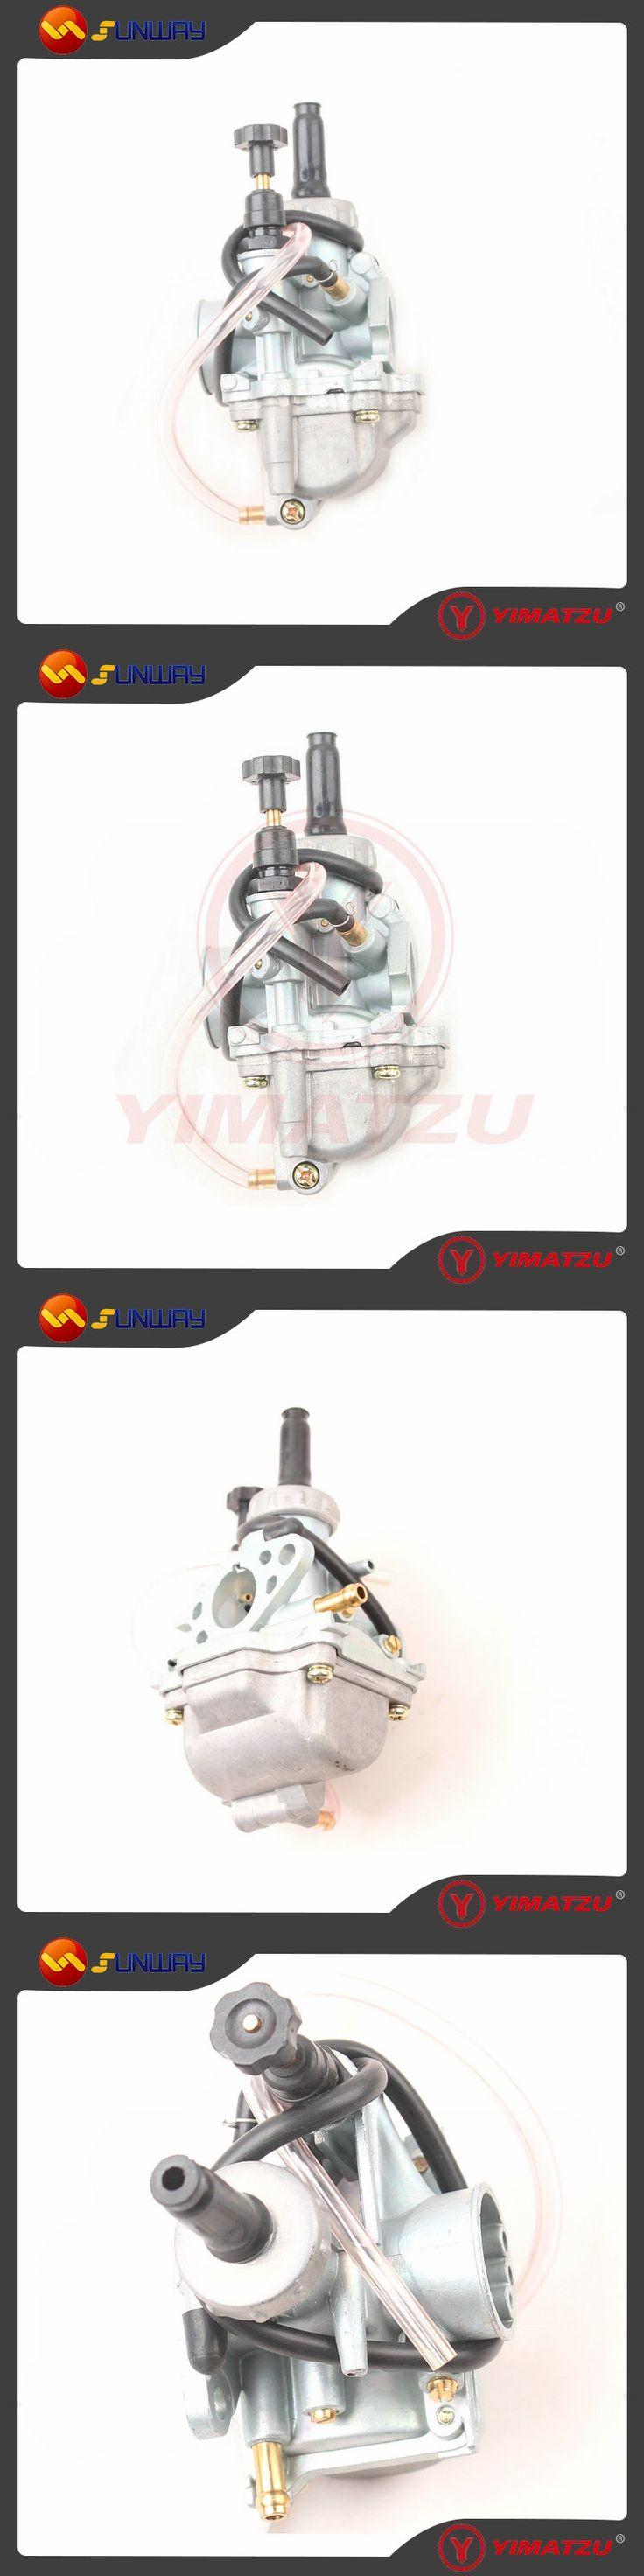 ATV Parts Carburetor for SUZUKI LT80 80CC 1987-2006 Mini Off-Road ATV Quad Bike